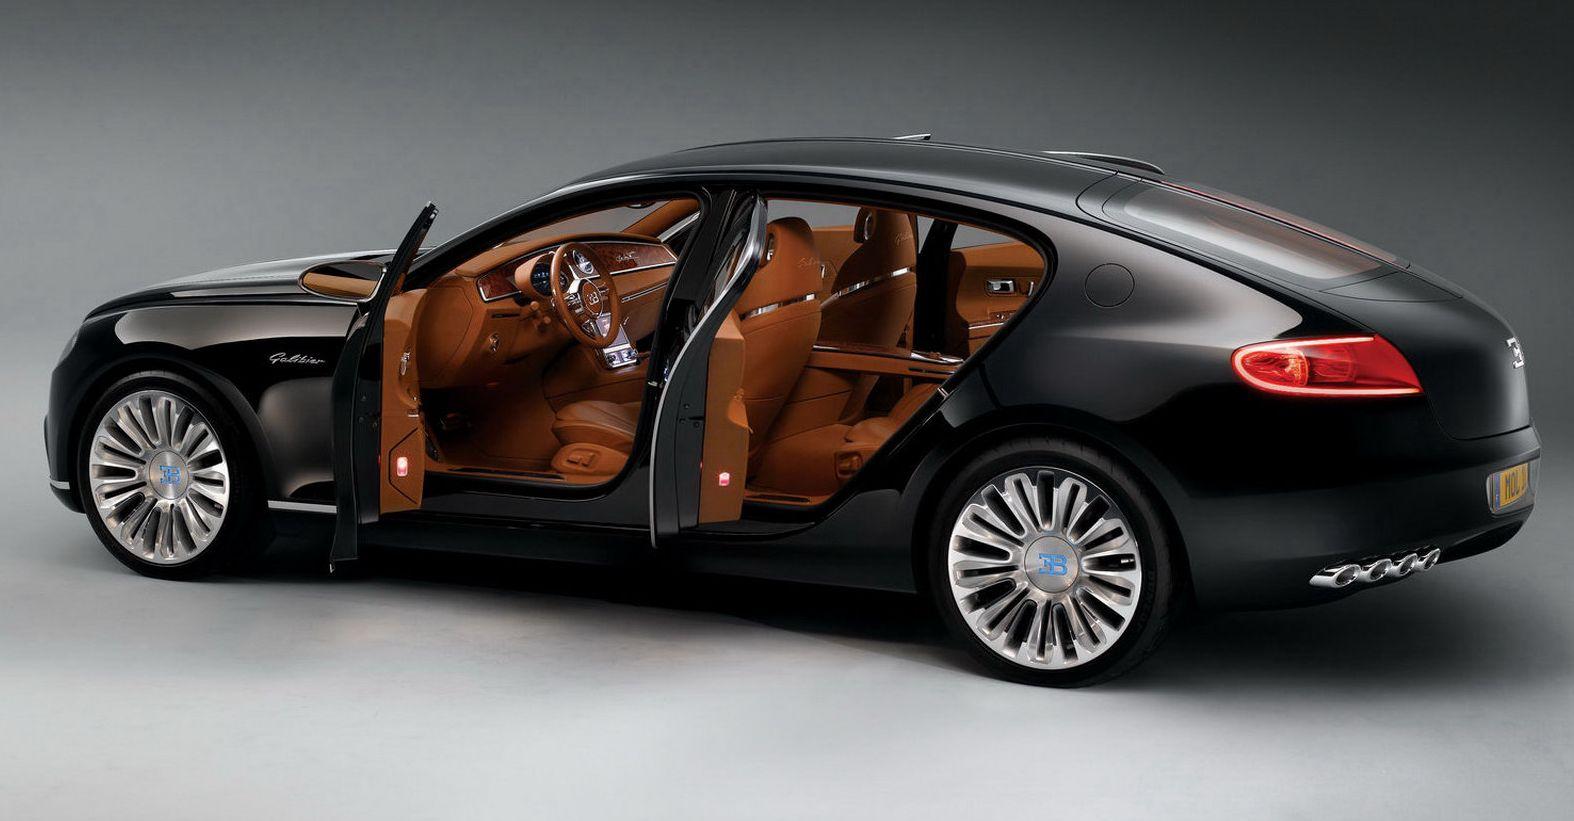 открытые двери Bugatti, car, wallpaper, скачать фото обои на рабочий стол